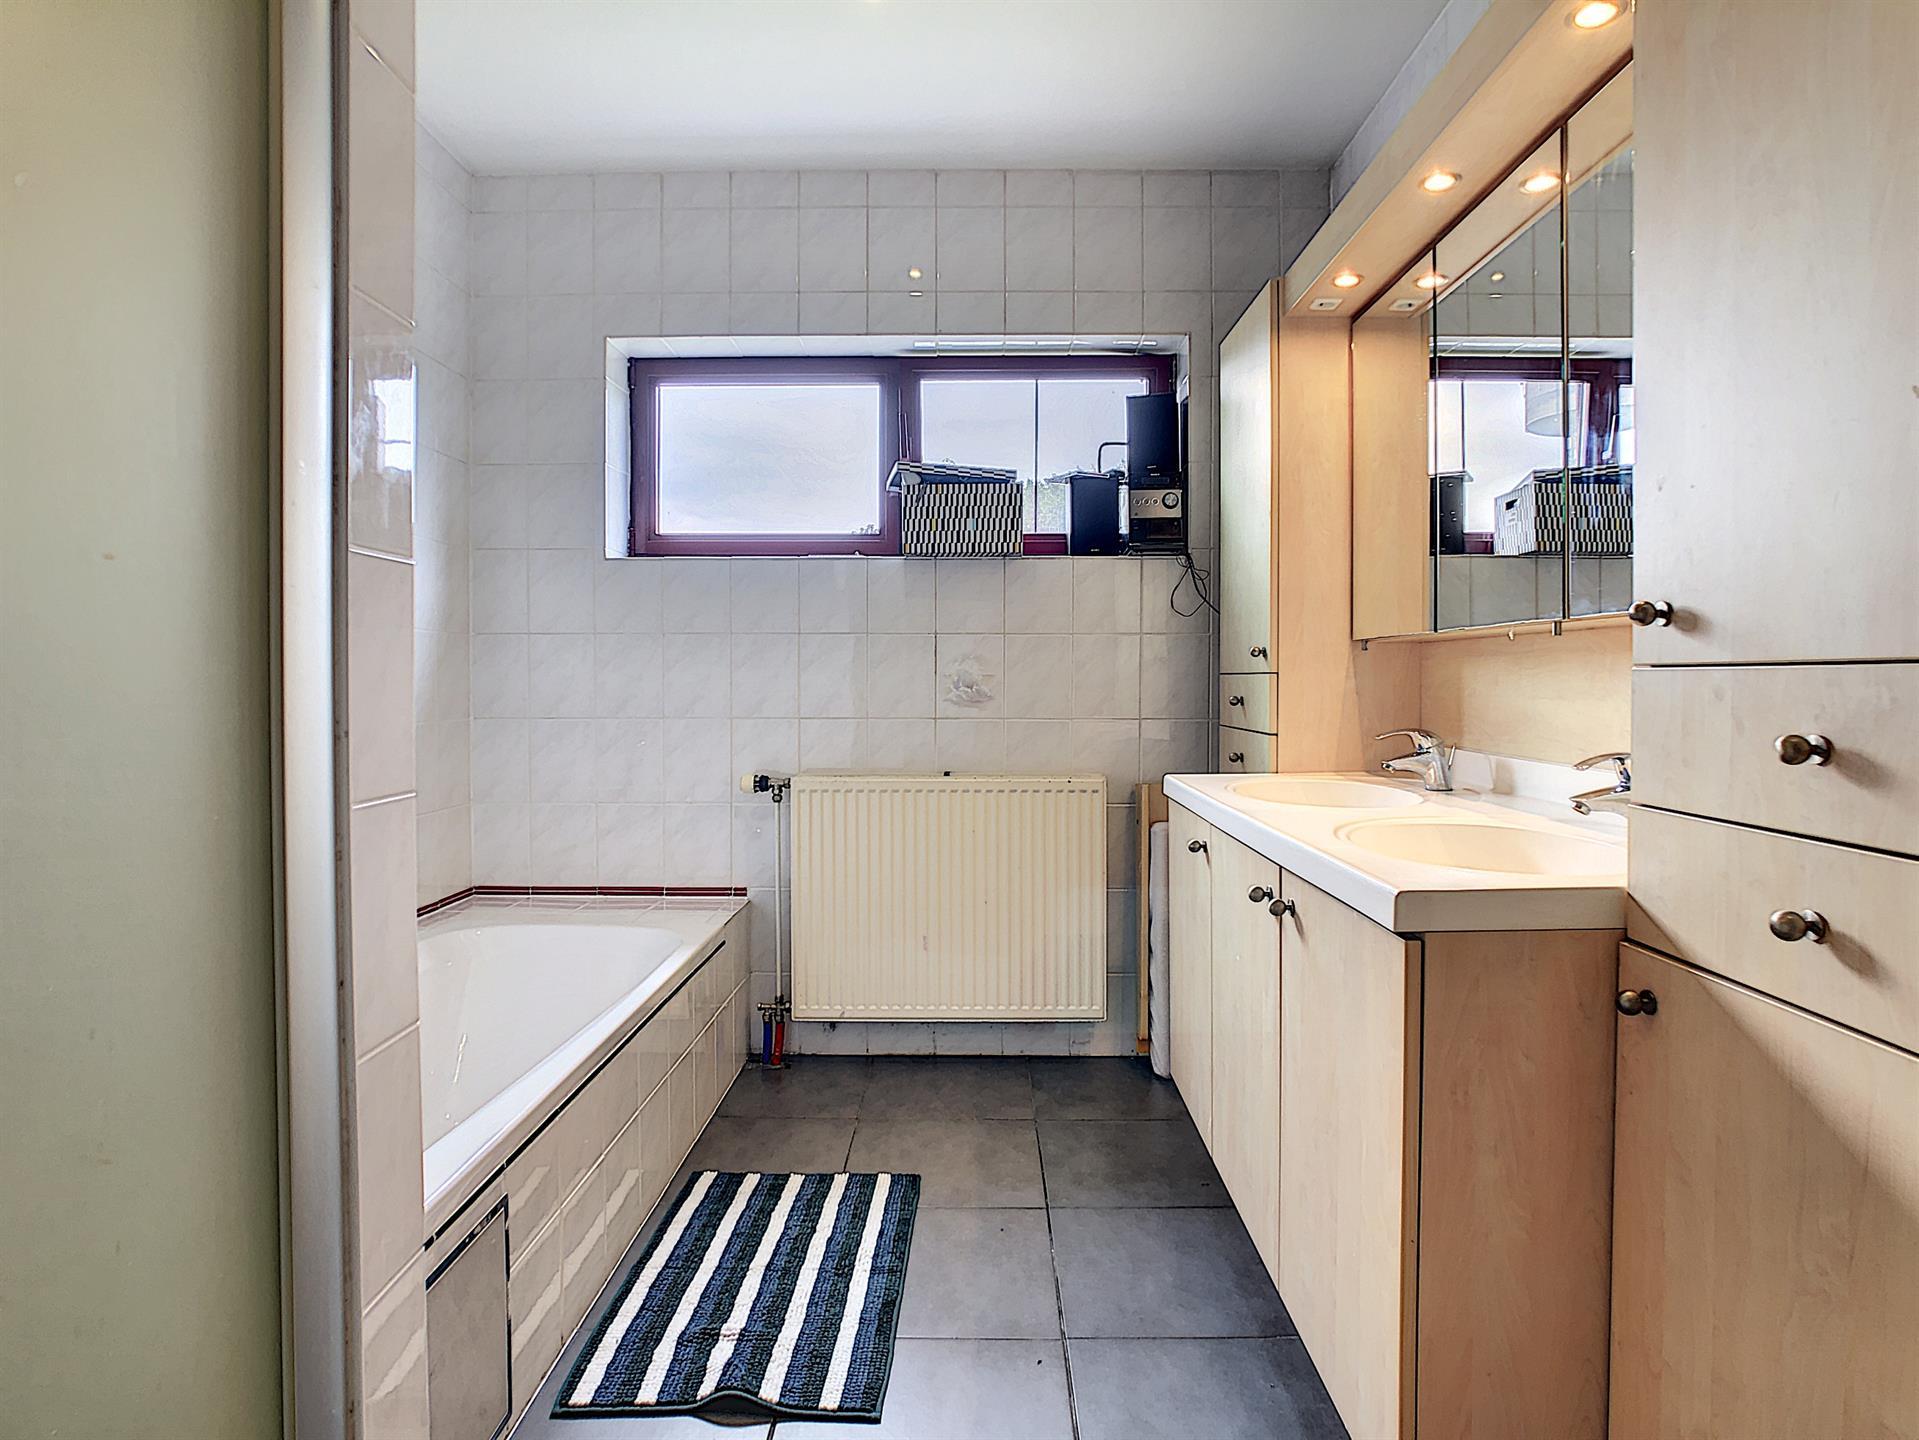 Bel-étage - Vilvoorde - #4419274-8